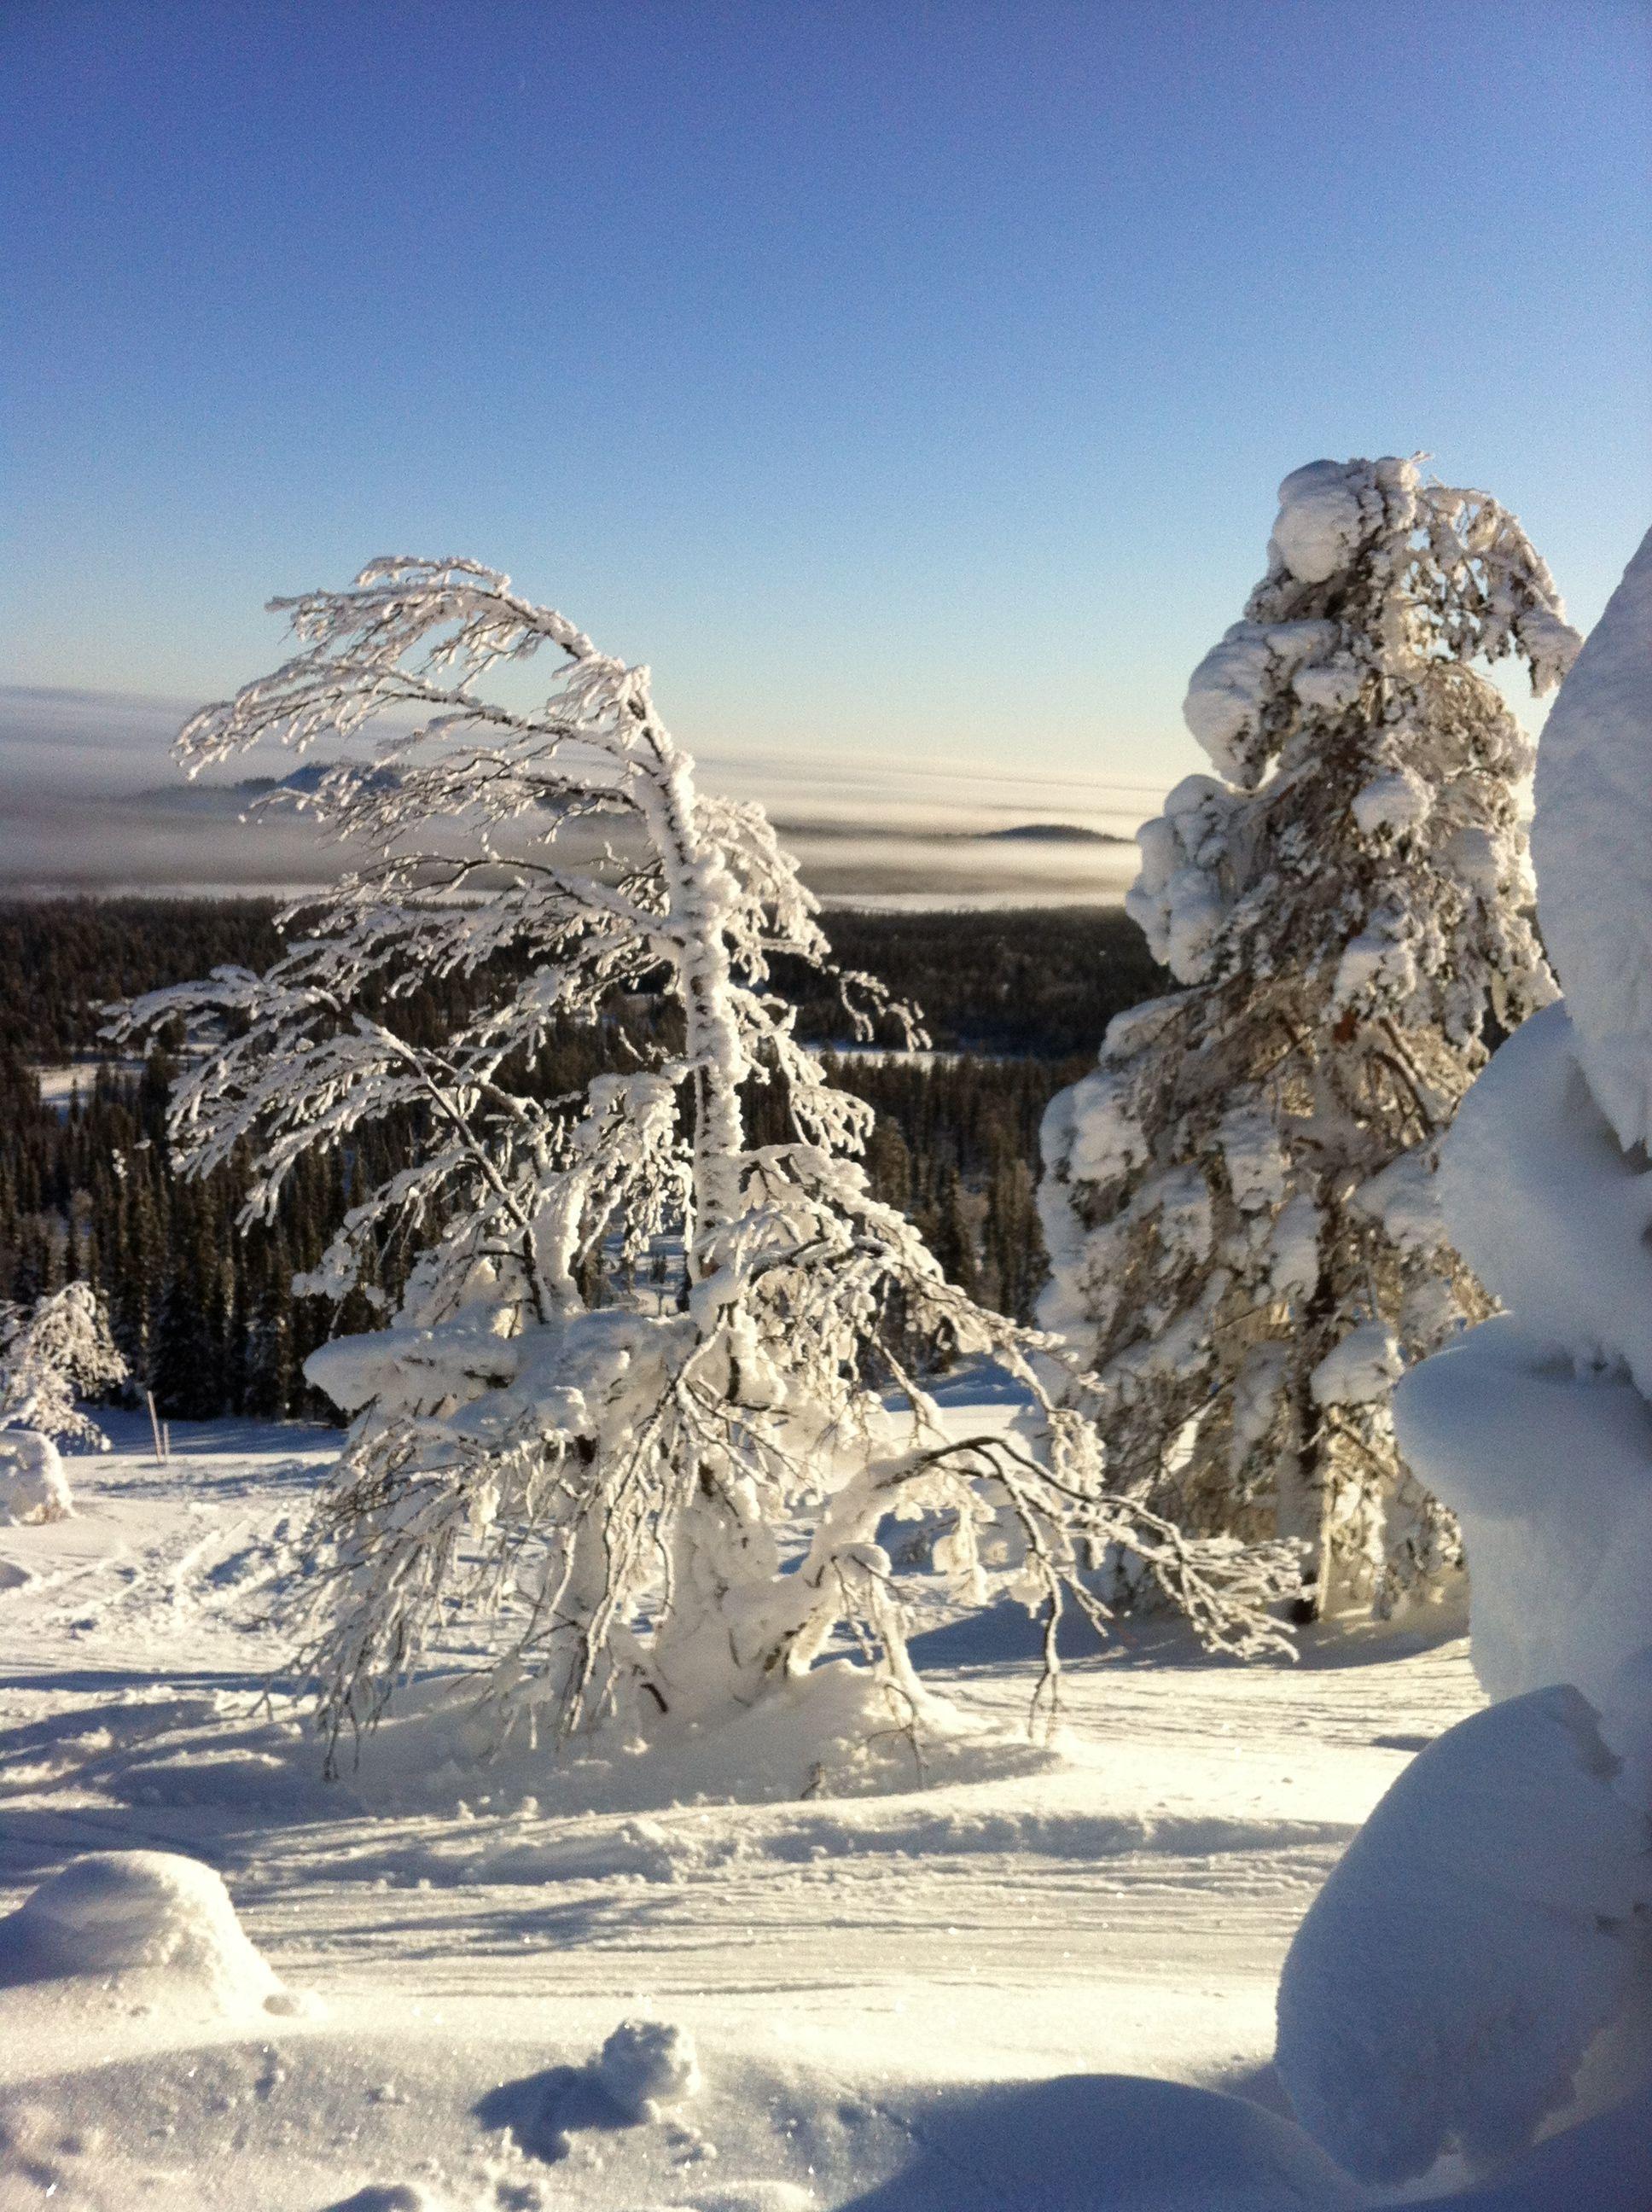 Luosto, Lapland